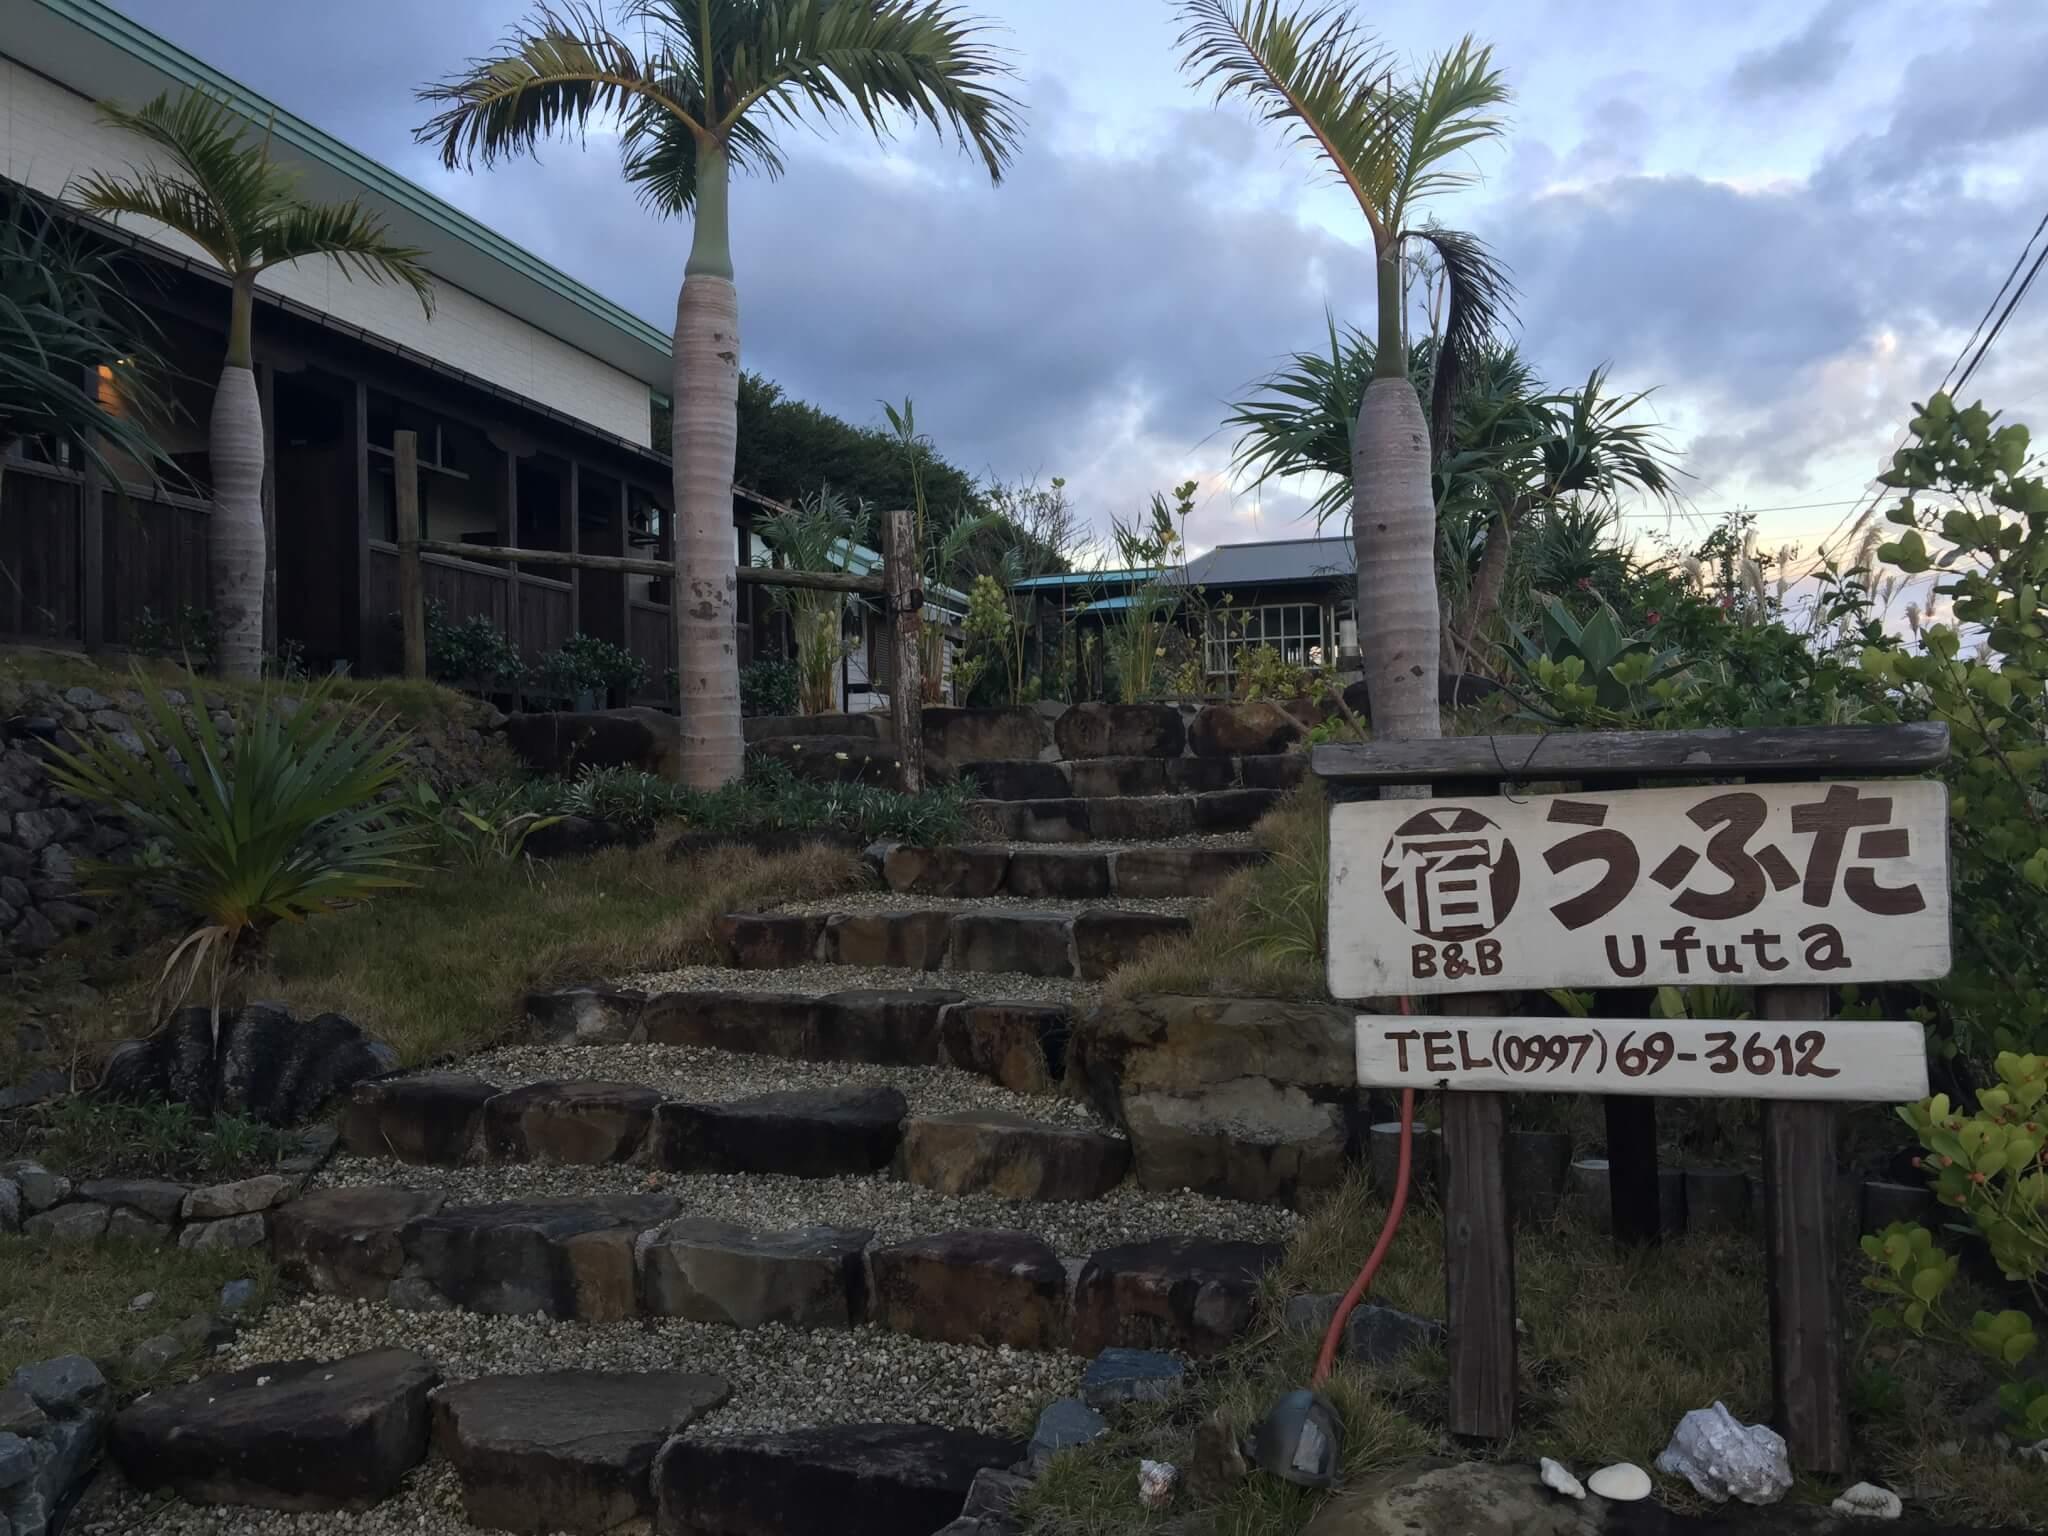 奄美大島ゲストハウスうふた・完全個室&安くておしゃれで女性にもおすすめ